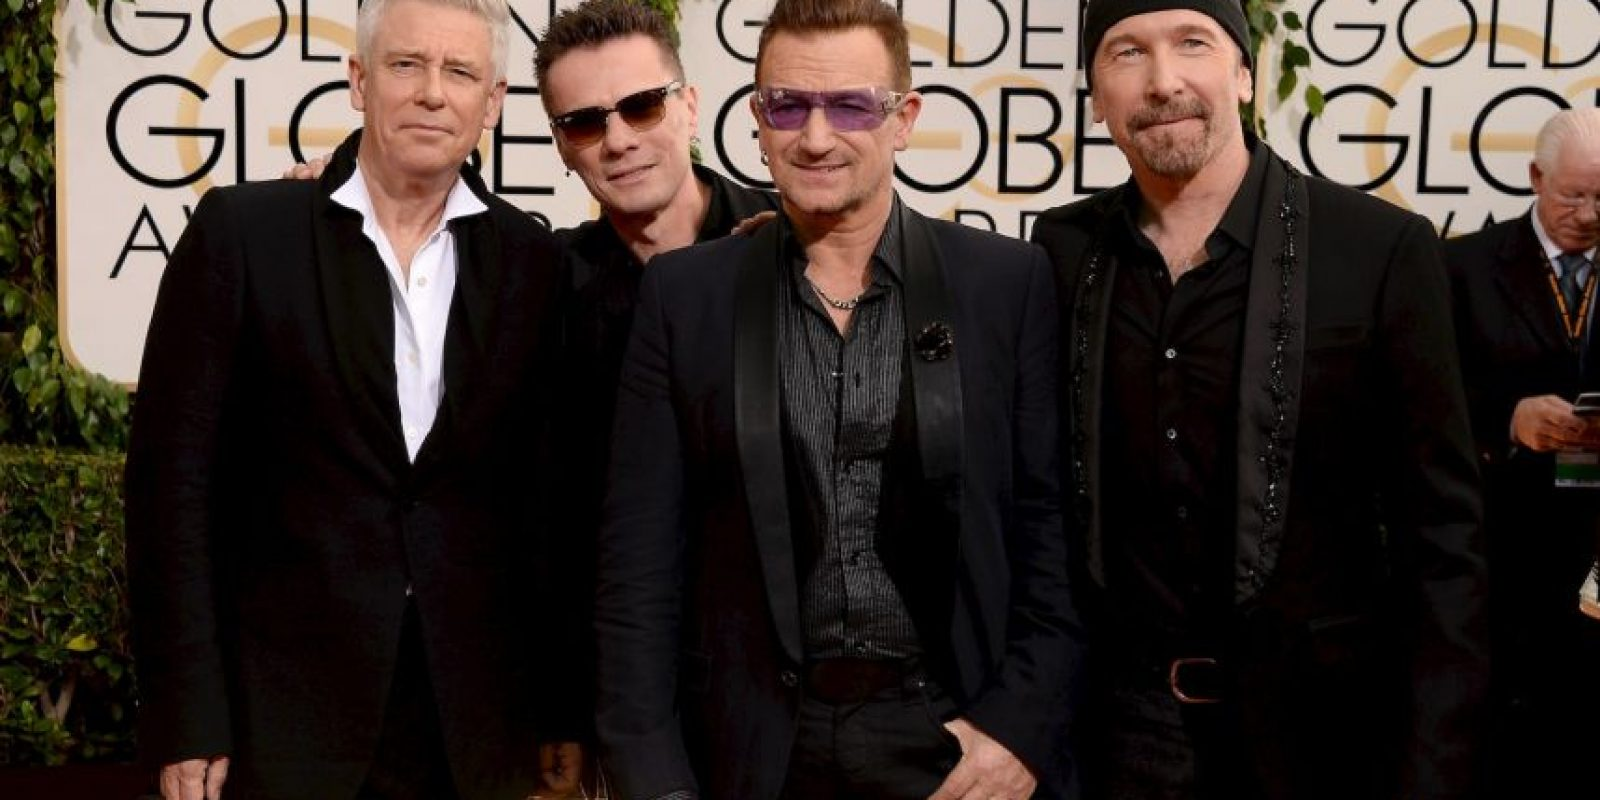 La banda de rock, U2 se presentó hace unos días en Barcelona Foto:Getty Images